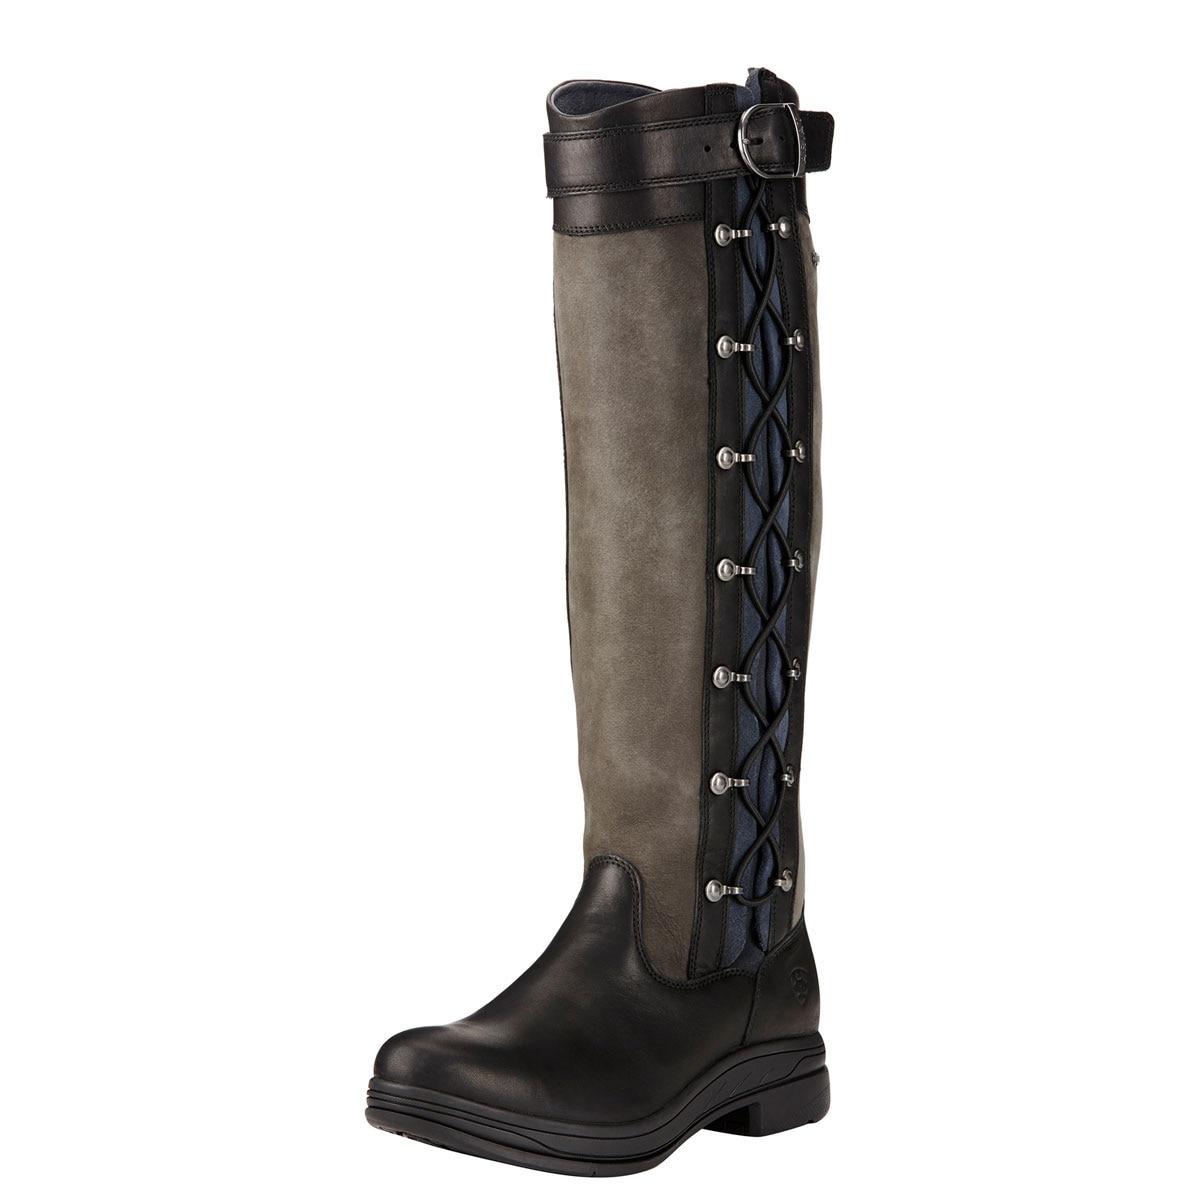 Ariat Grasmere Pro GTX Boot